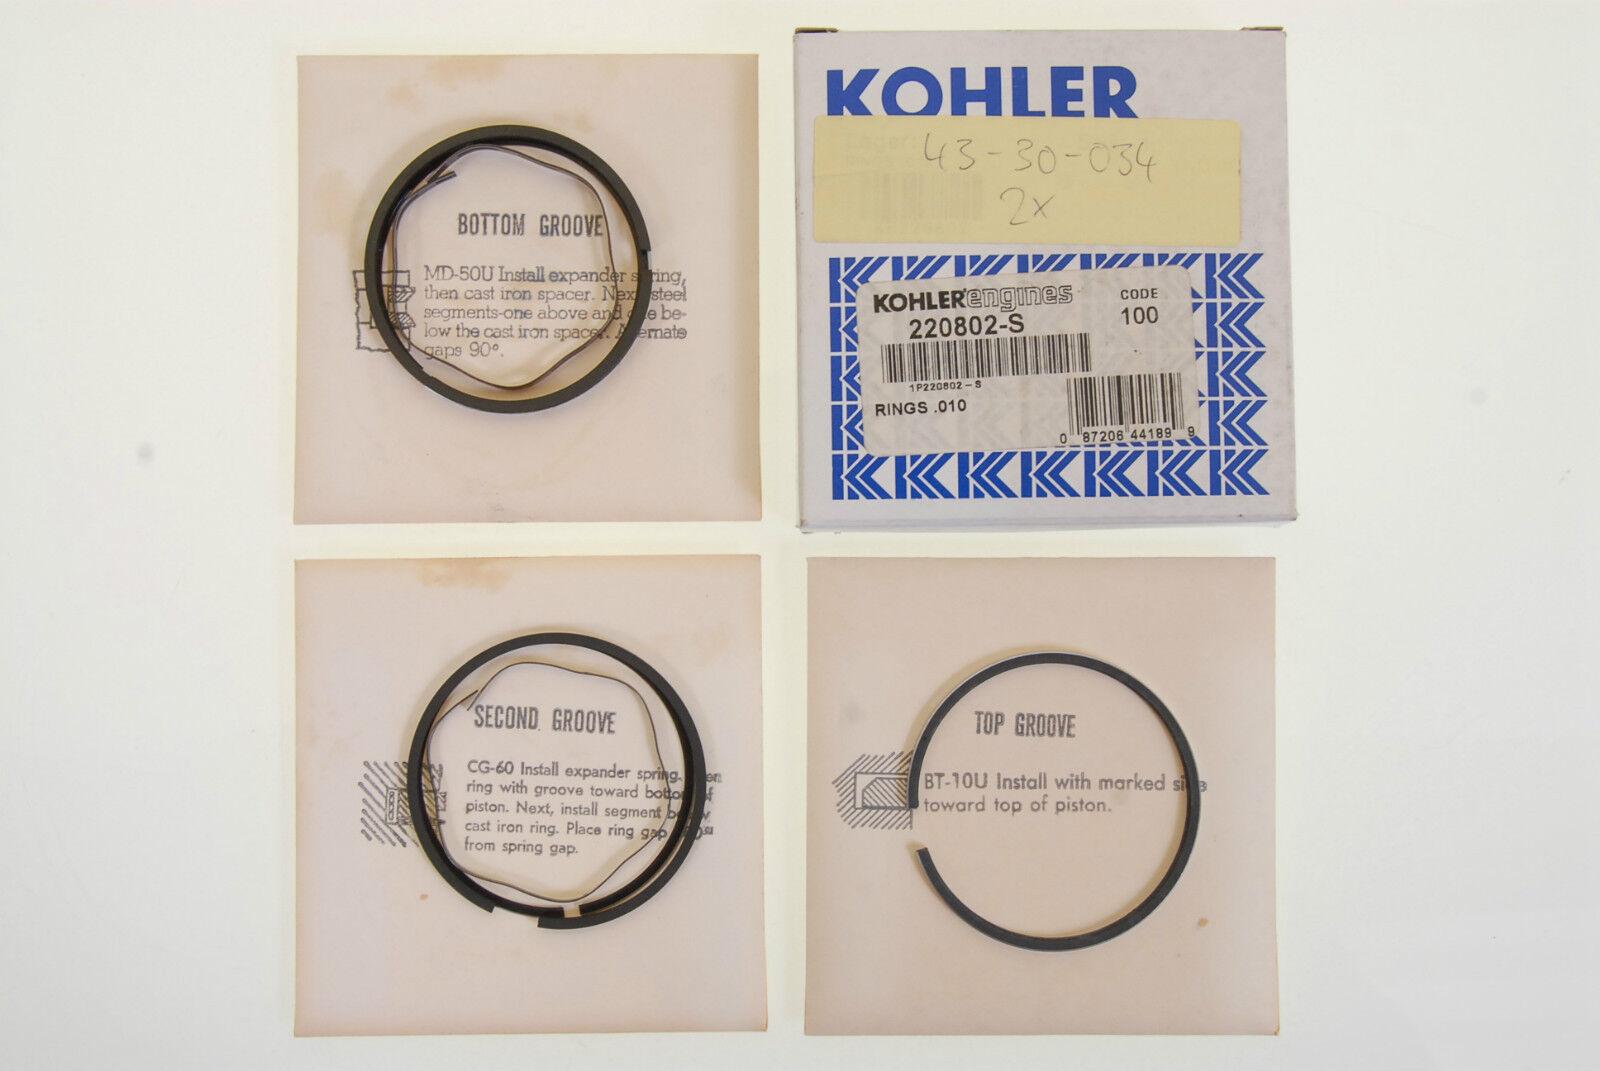 Anillo de pistón frase kohler 220802-s nuevo  43-30-034